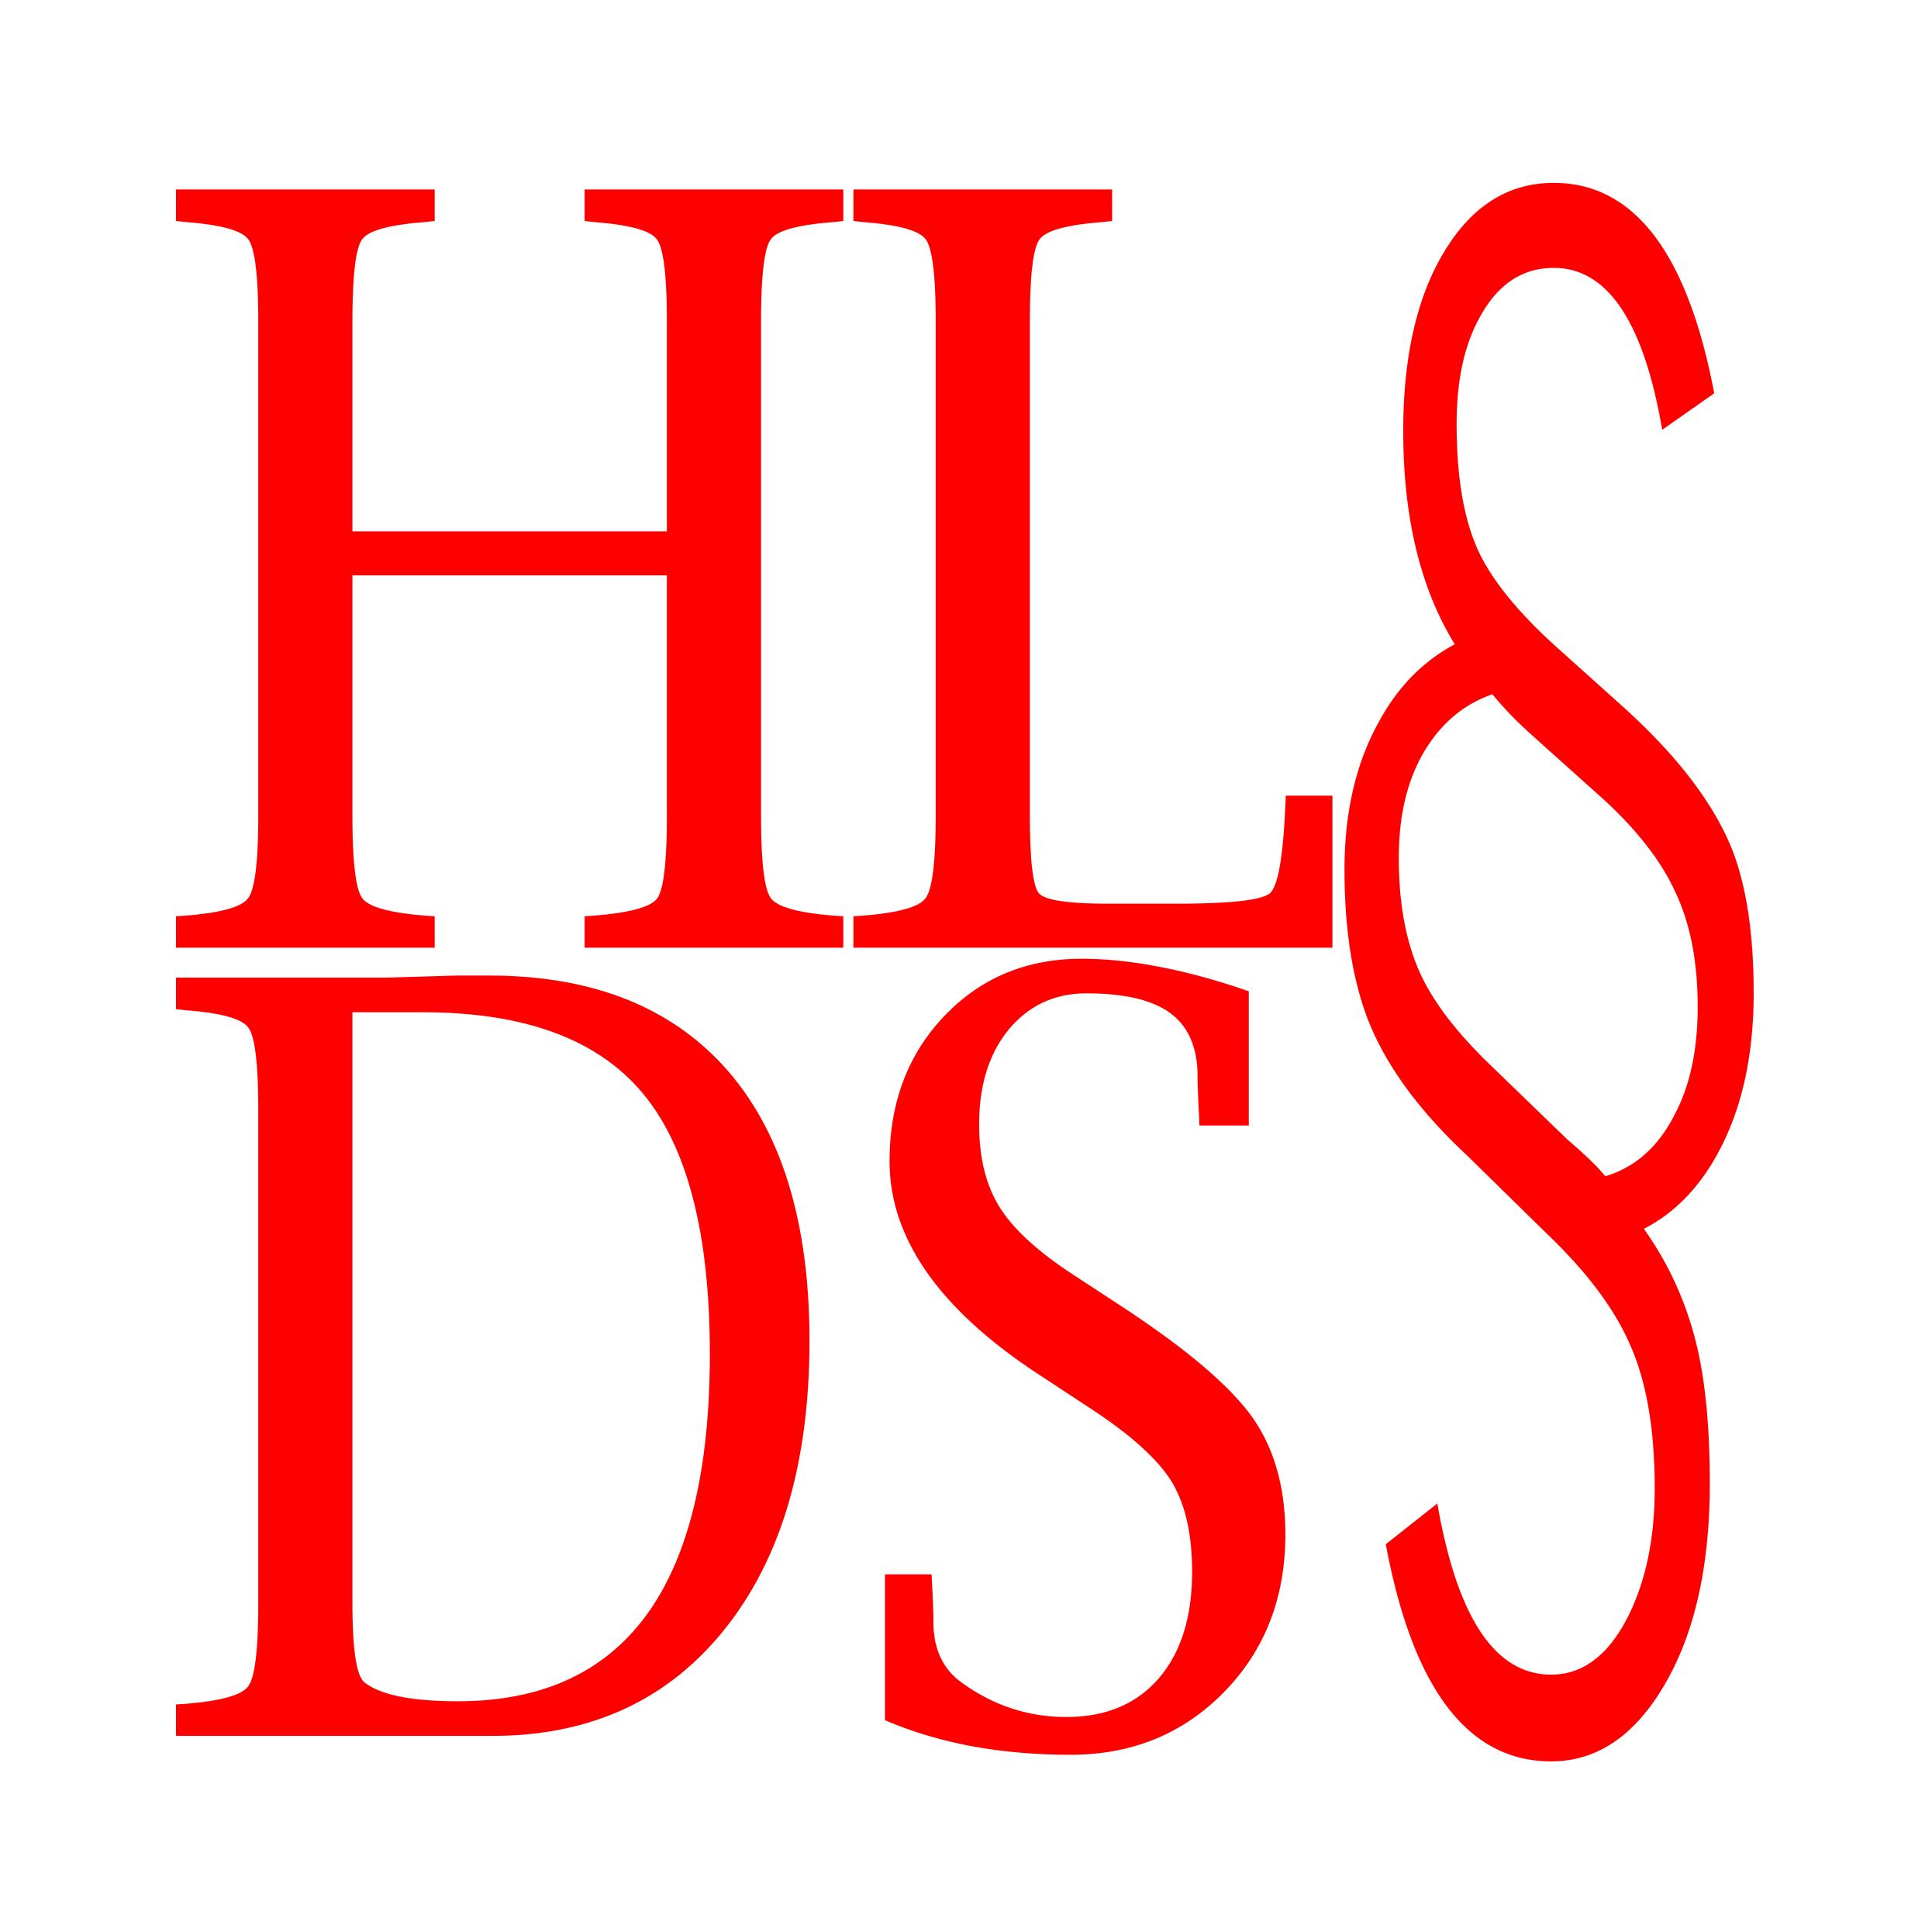 (c) Hlds-law.de